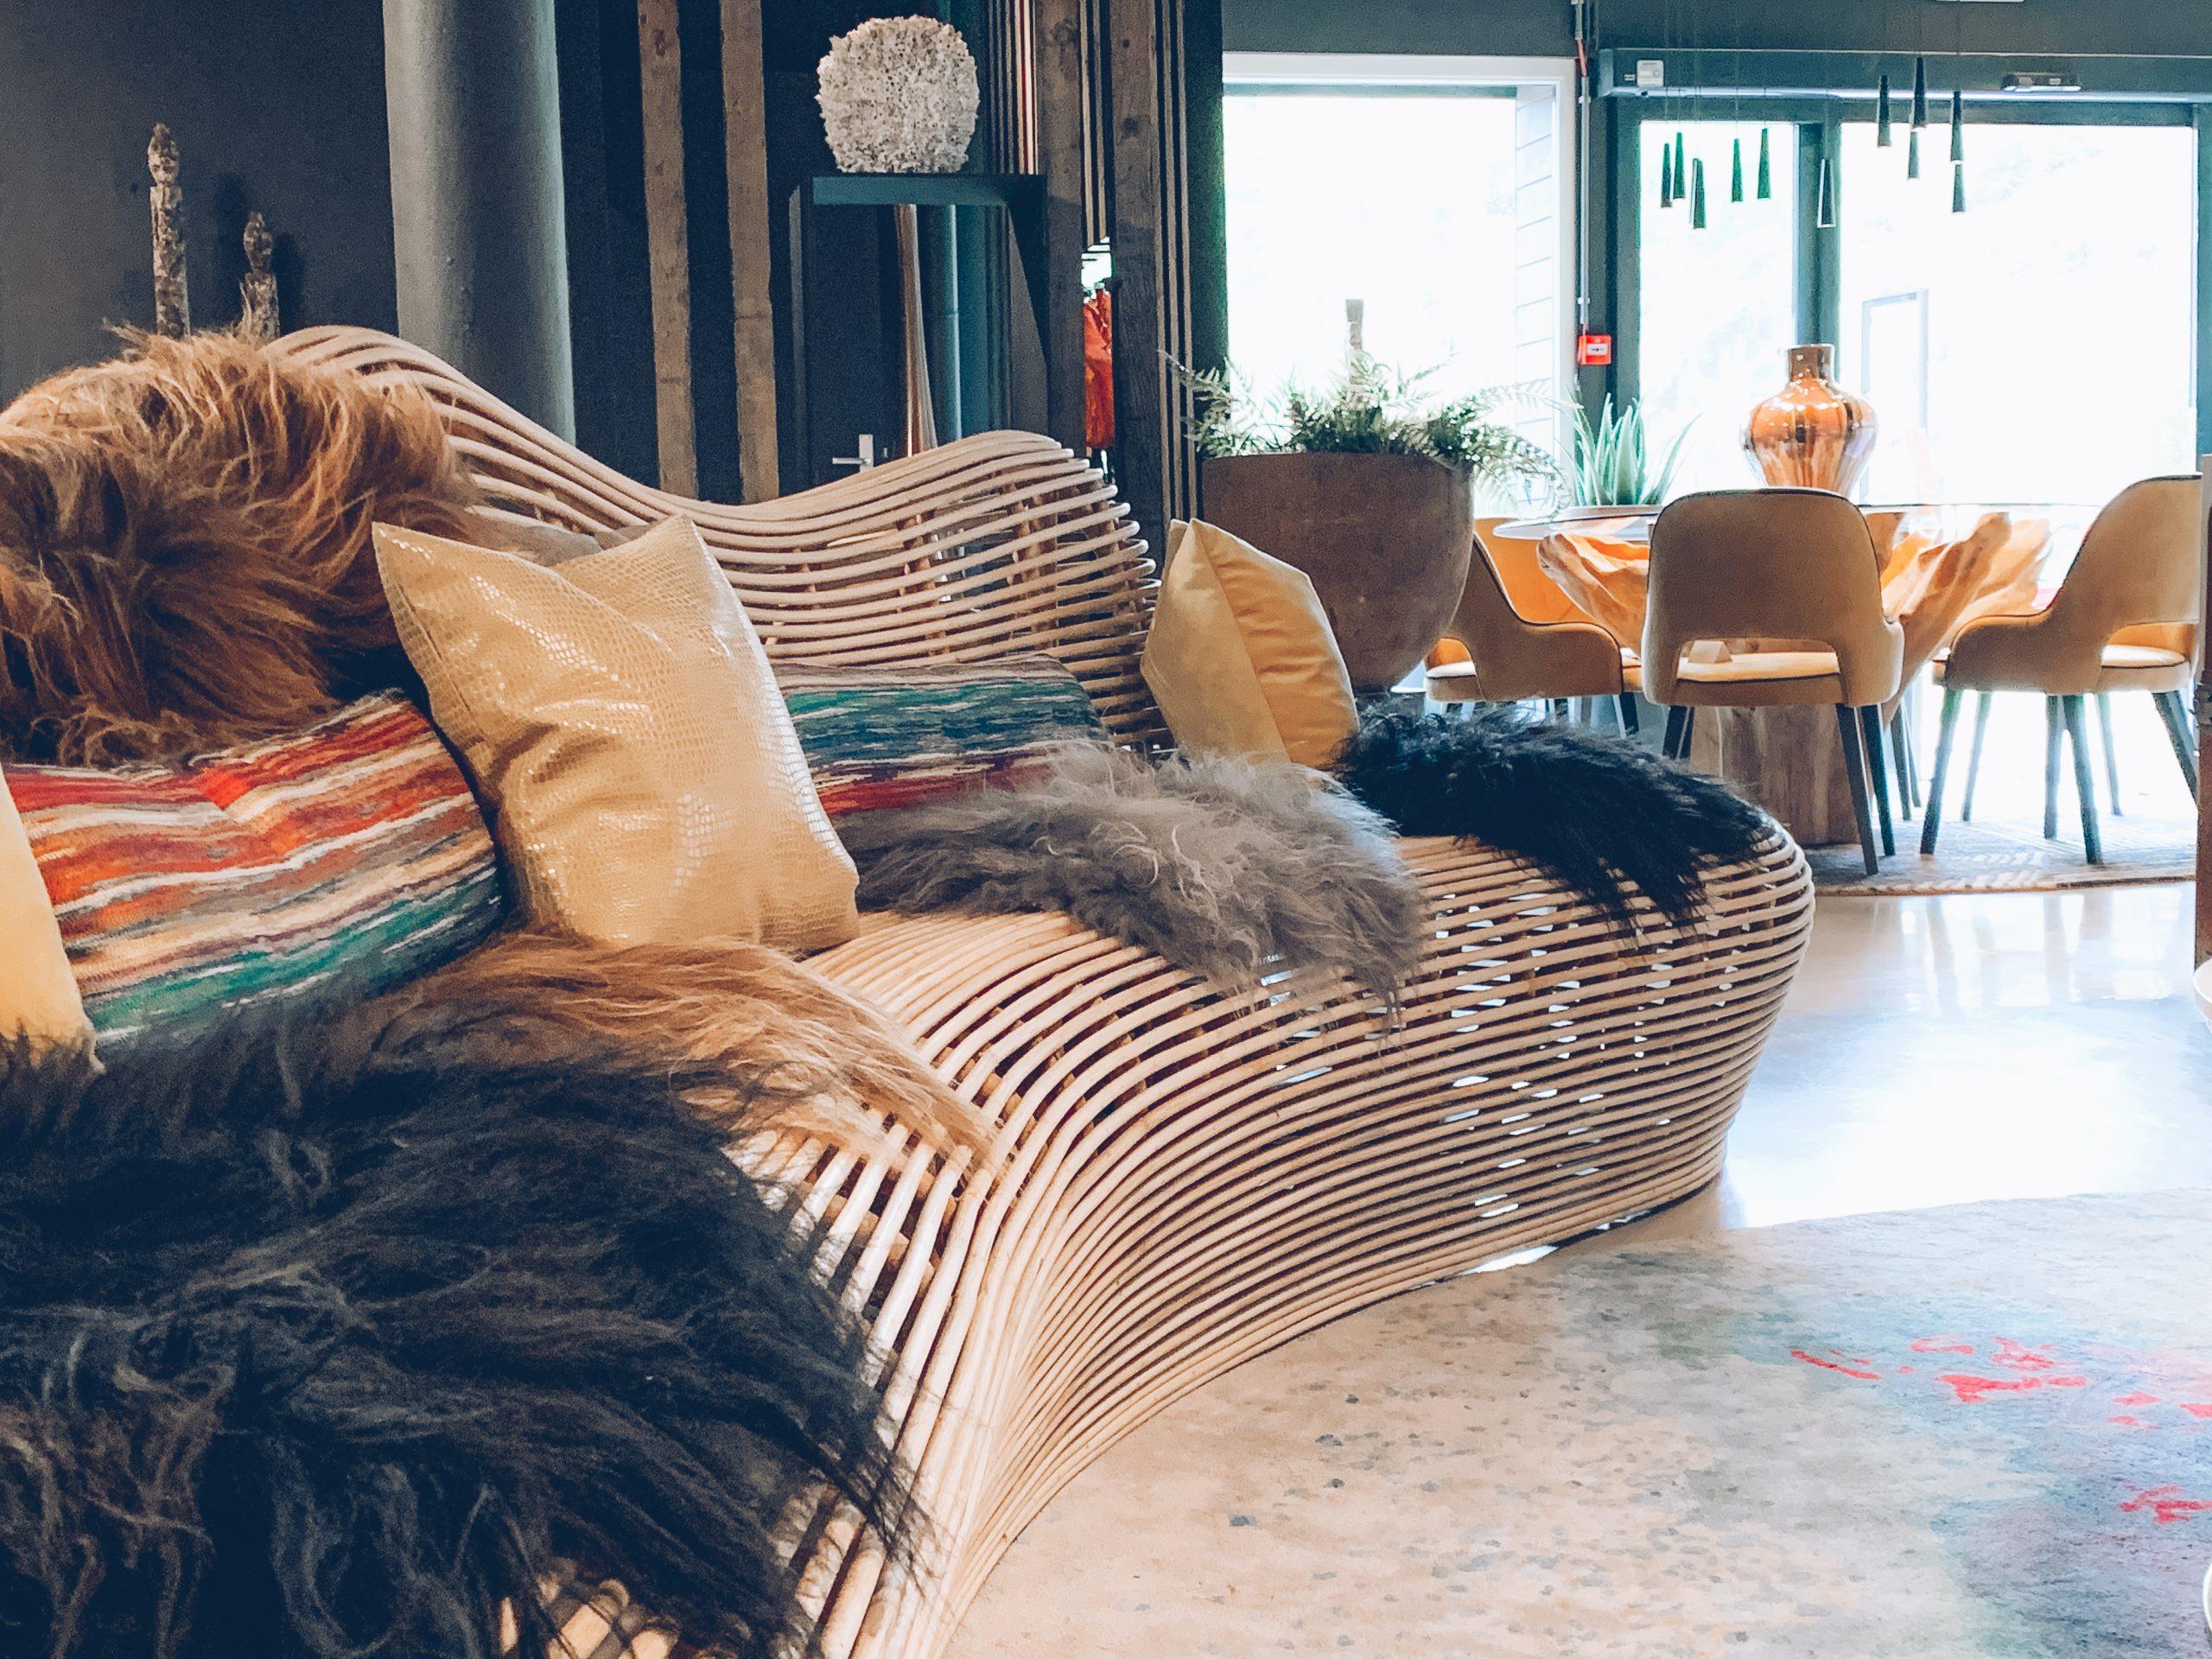 coussins et couvertures confortables, matières naturelles, pièce lumineuse, magasin de décoration, créateurs belges, JN interiors, jour et nuit liège verviers